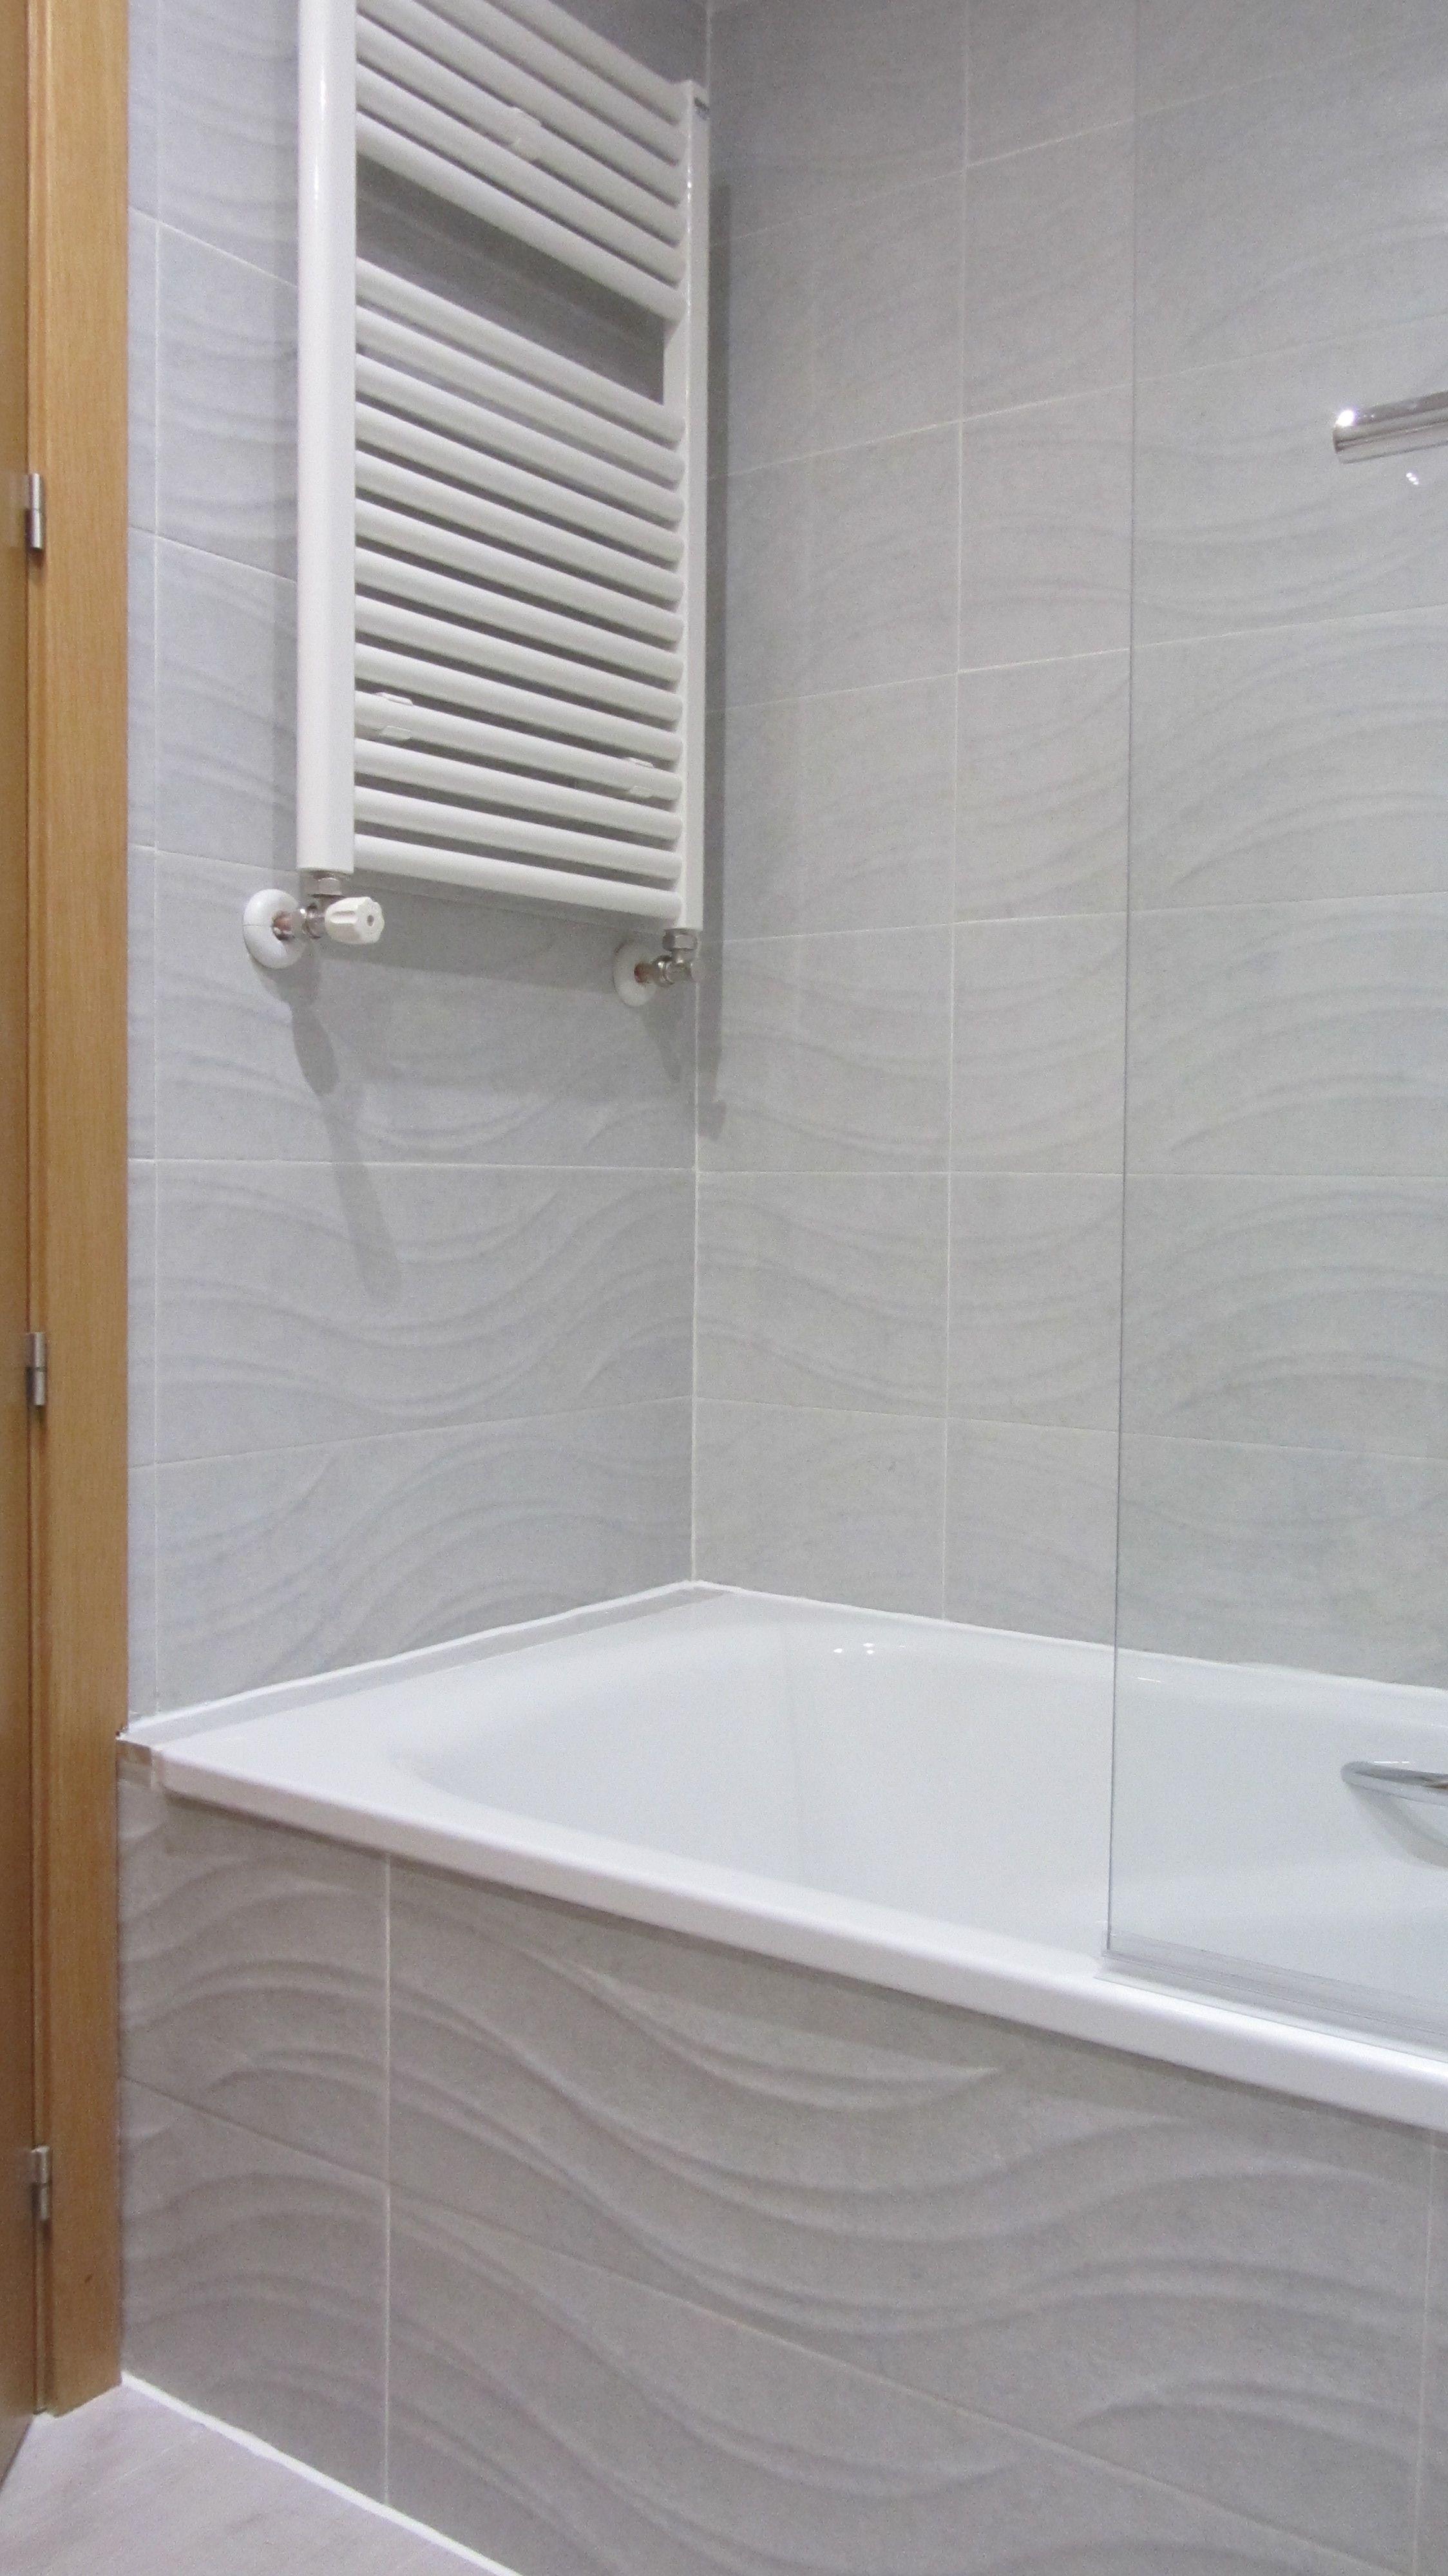 Radiador toallero tubular de chapa de acero lacado en for Radiadores toalleros roca